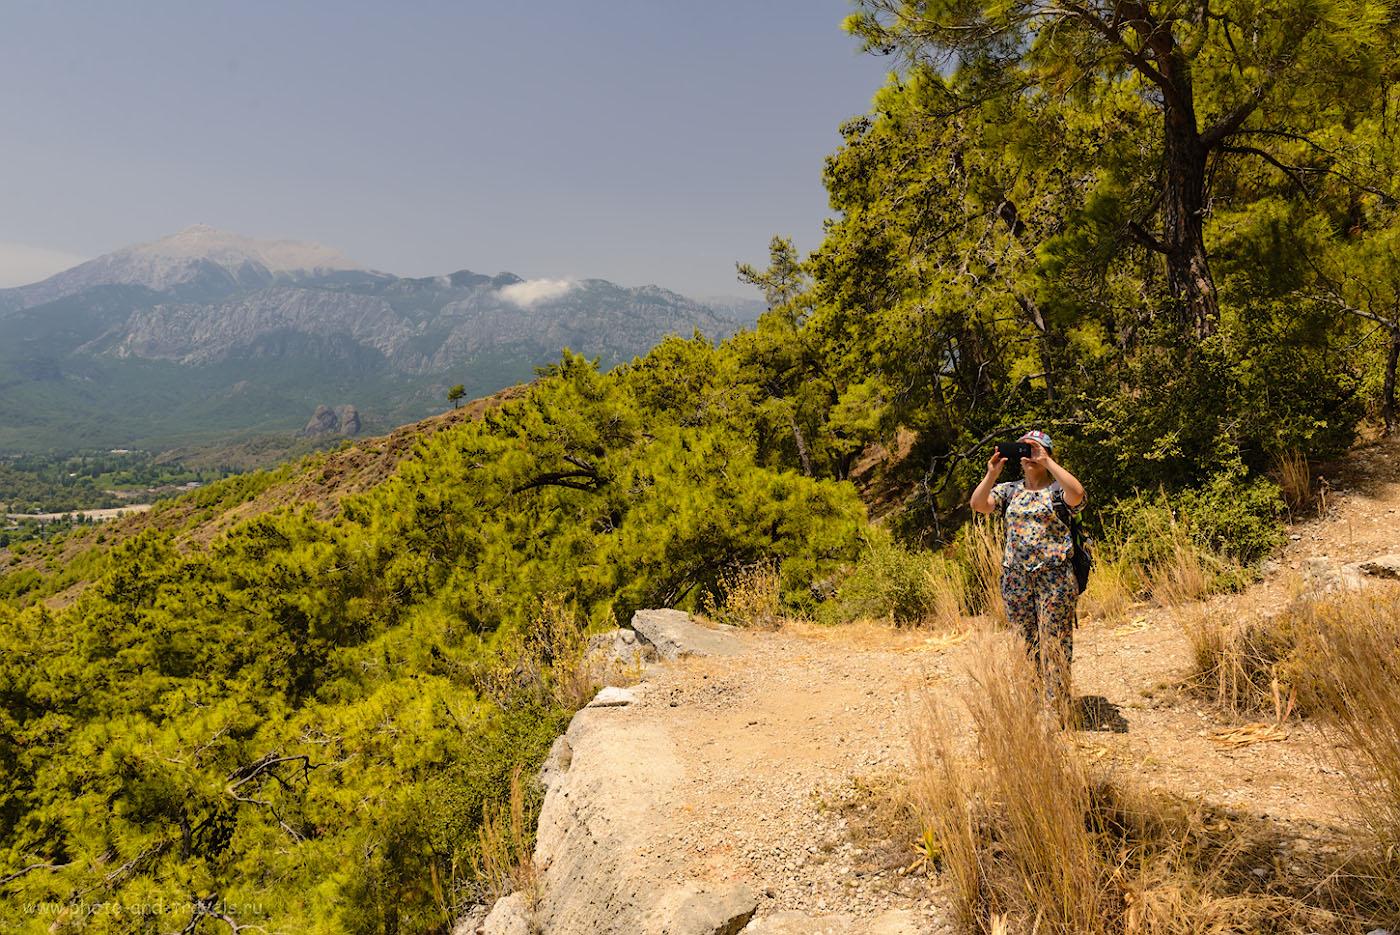 Фотография 6. Отдых на склоне вершины Чалыш. На заднем плане – высочайшая гора Кемера Тахталы (Tahtalı Dağları).